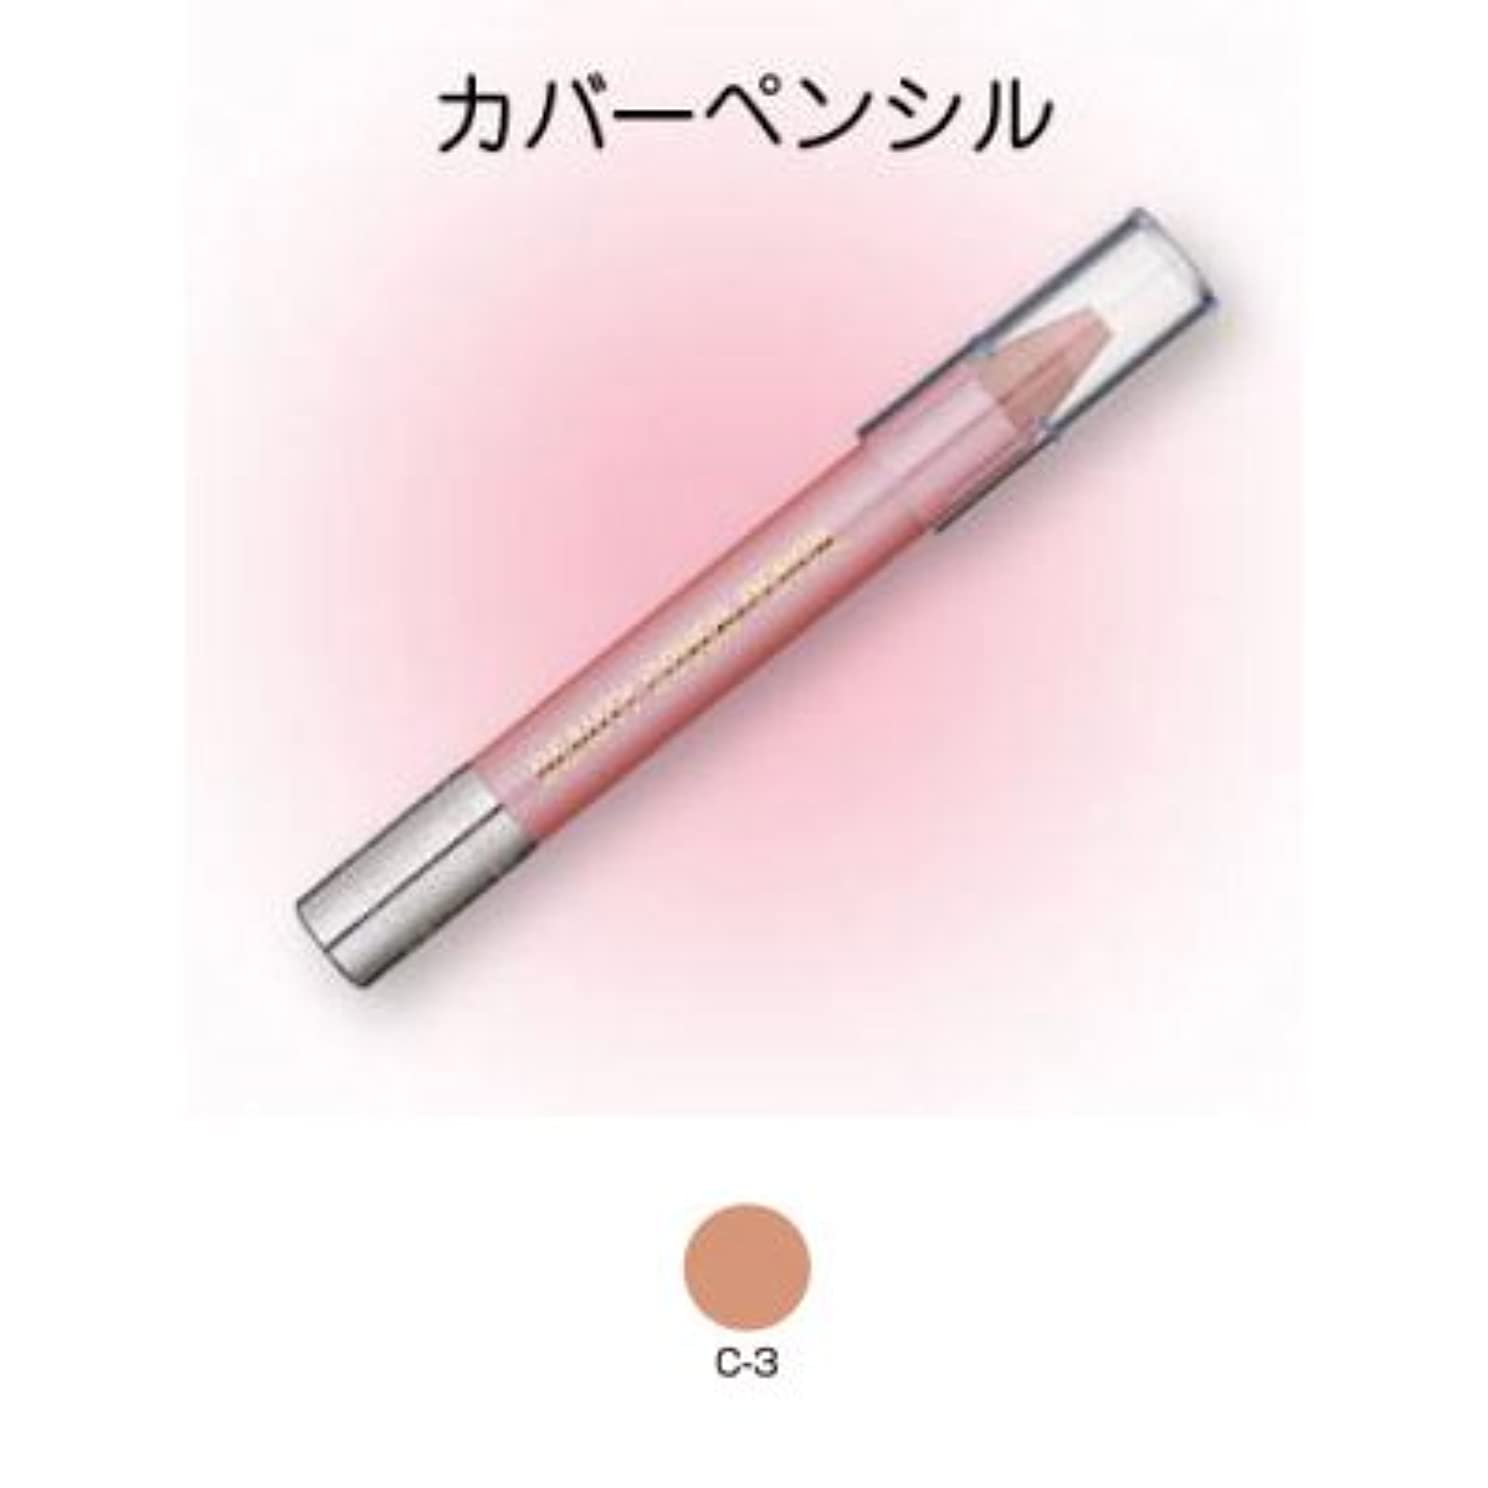 ミス狼彼女自身ビューティーカバーペンシル C-3【三善】